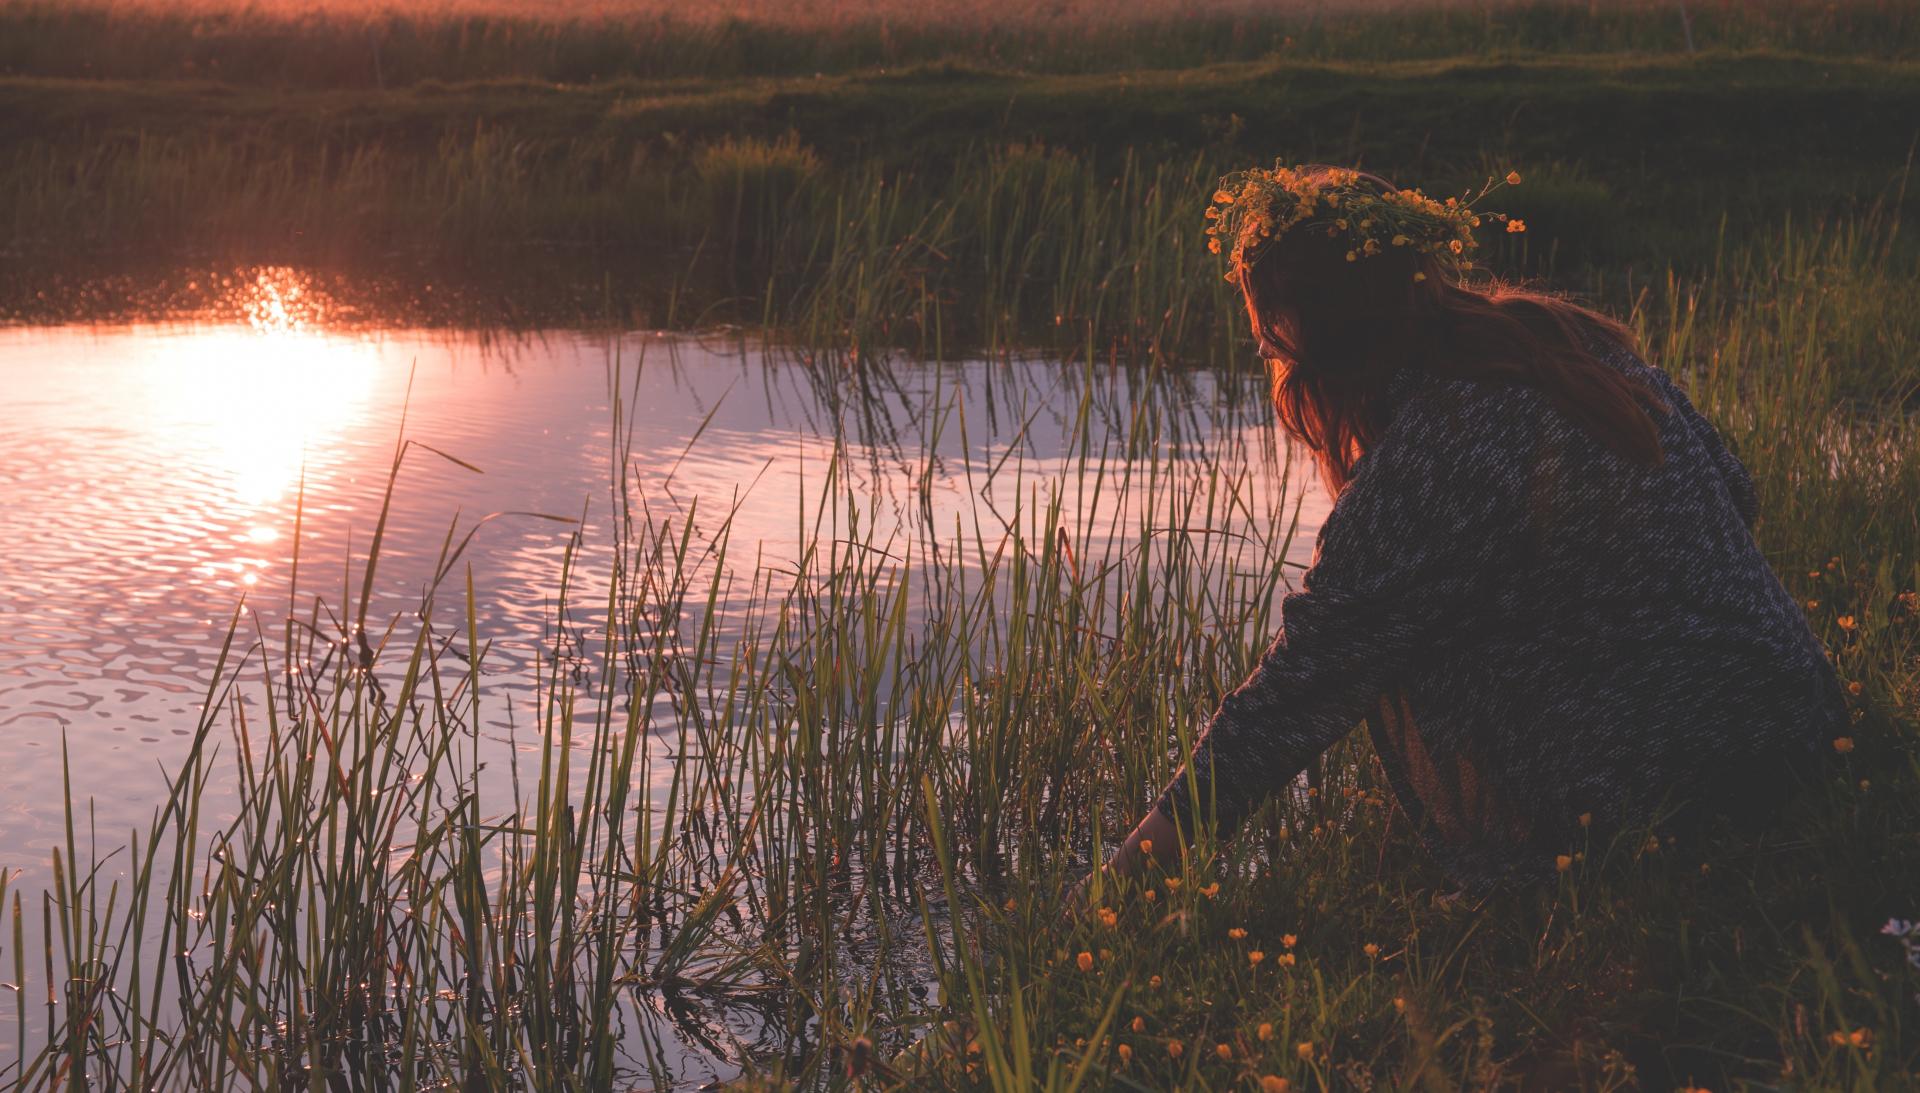 kobieta z wiankiem na głowie kuca przy jeziorze